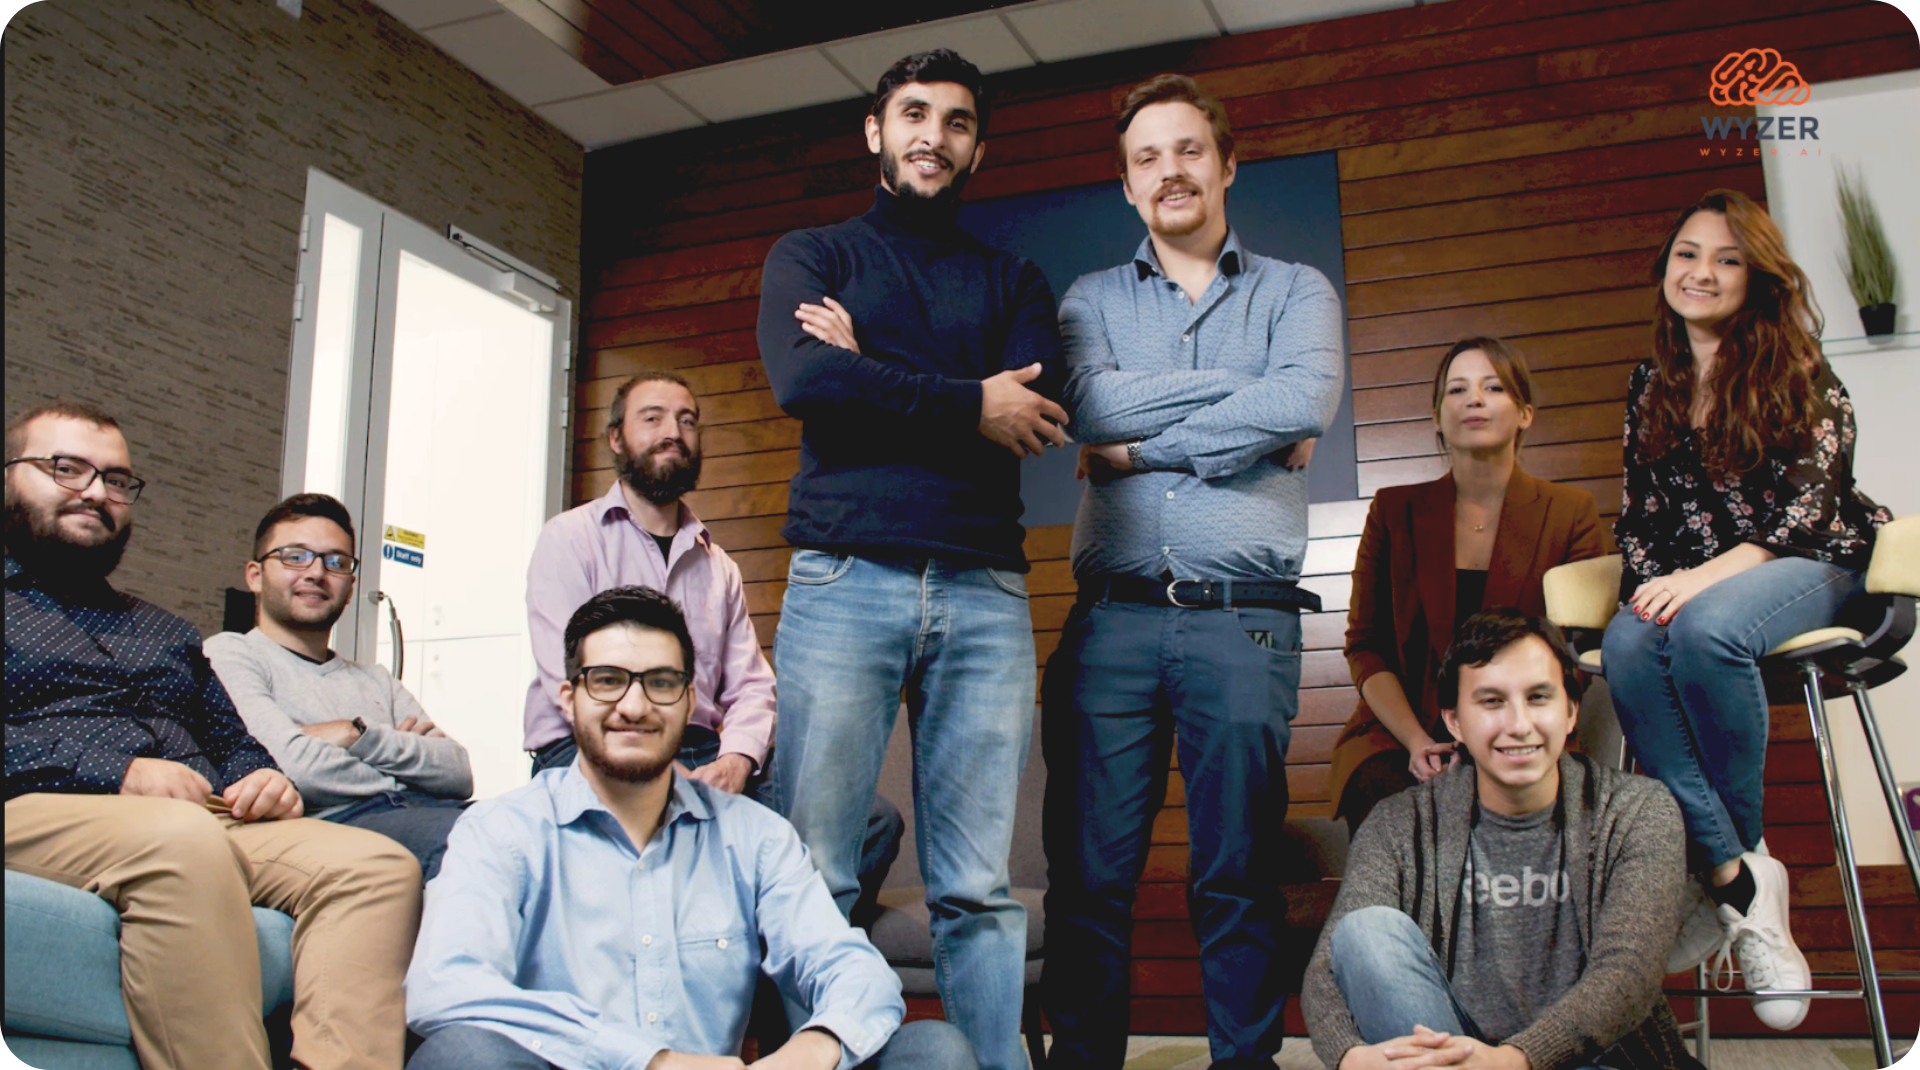 wyzer_team_citizen_developers_dr_abdalla_kablan_daniel_grech